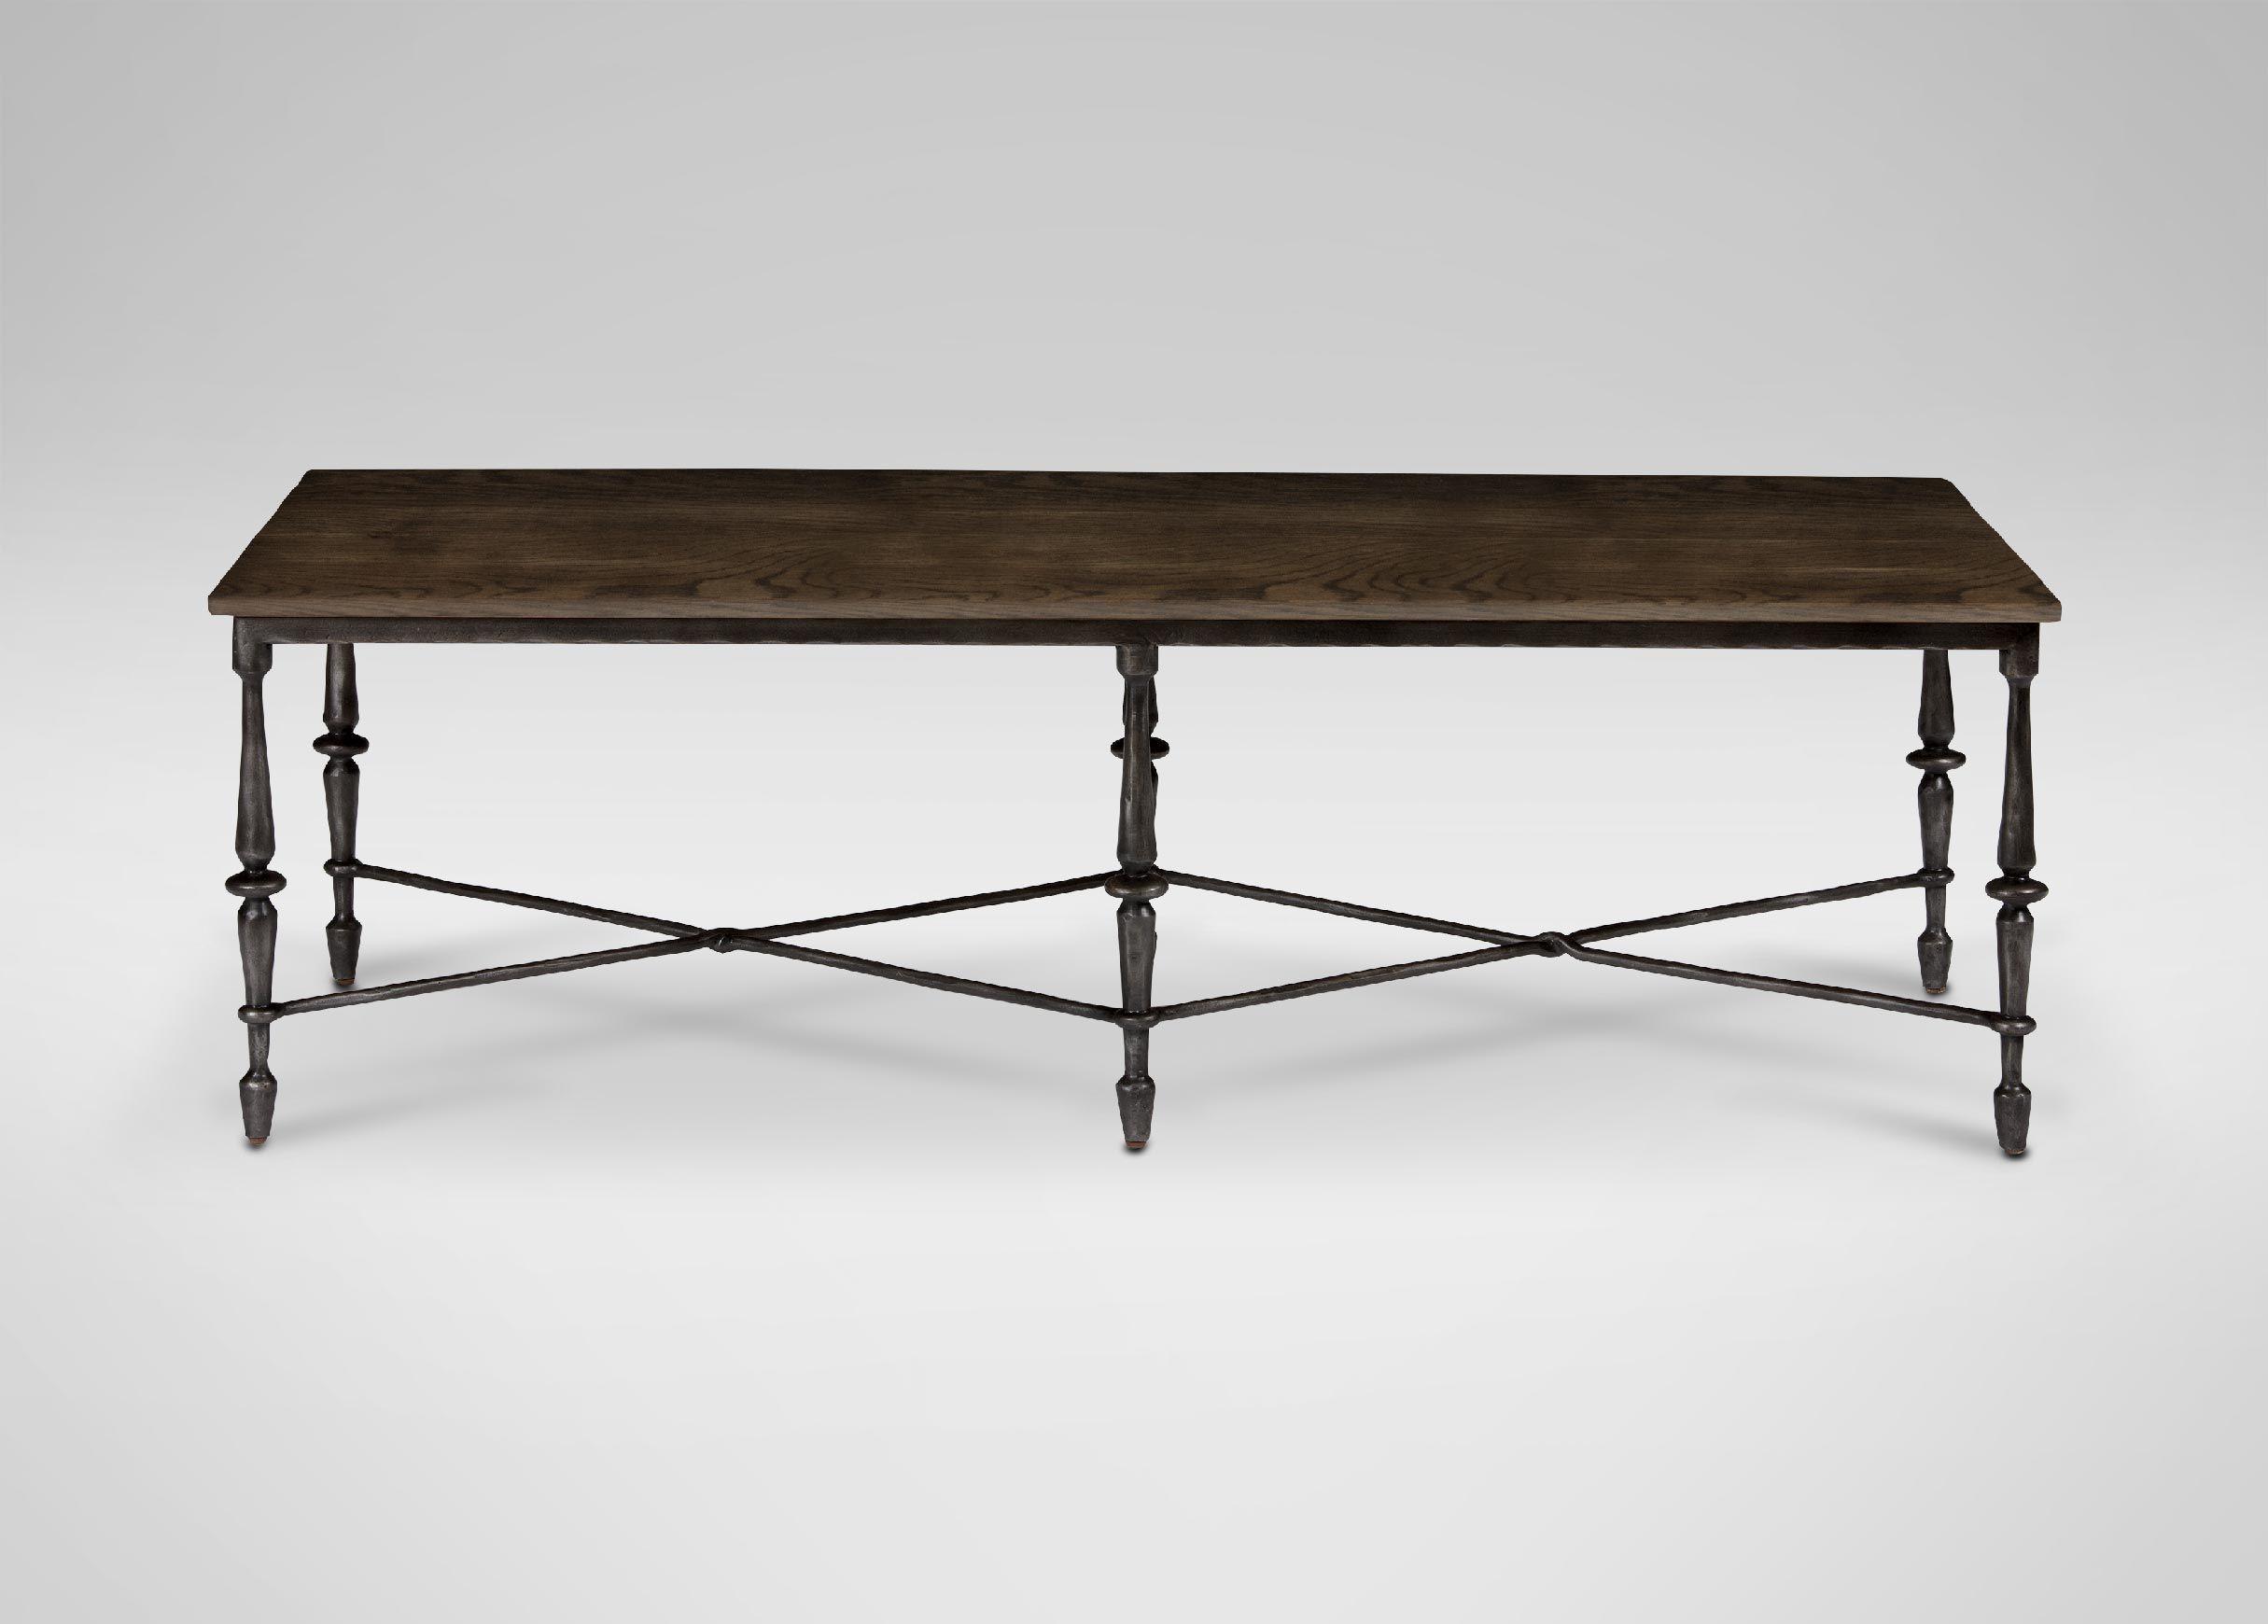 Albee Coffee Table Coffee Tables Coffee Table Wood Coffee Table With Drawers Coffee Table Rectangle [ 1740 x 2430 Pixel ]